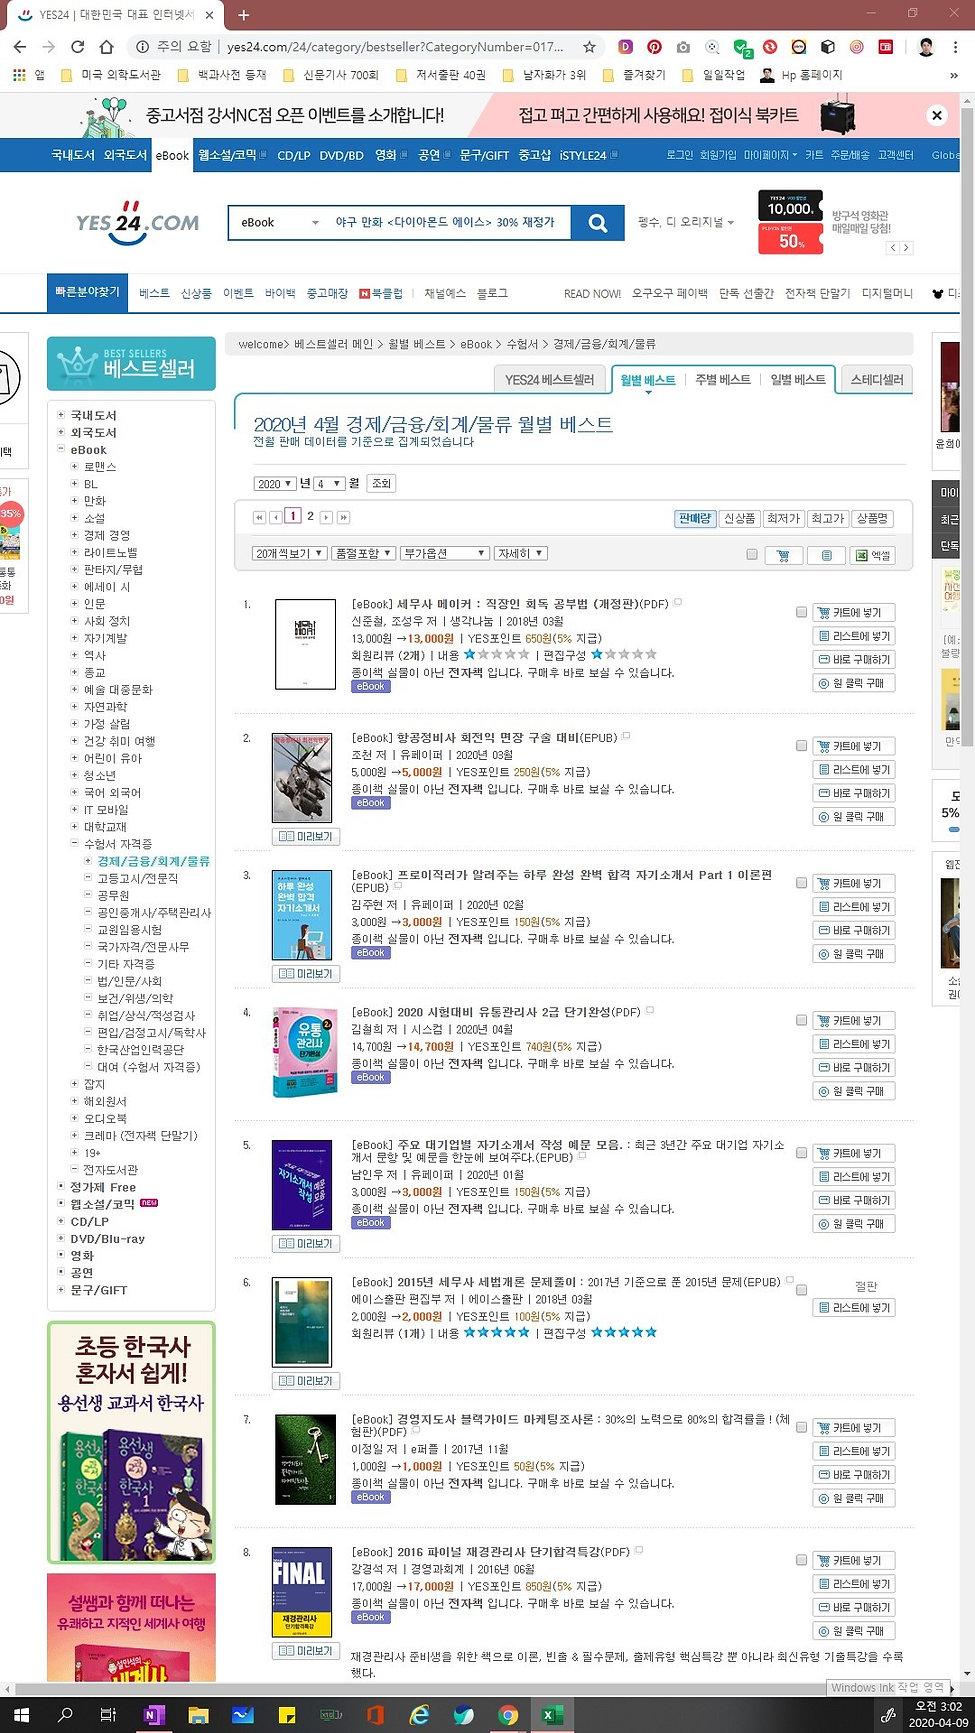 yes24 베스트셀러 5위, 주요 대기업별 자기소개서 작성 예문 모음.j